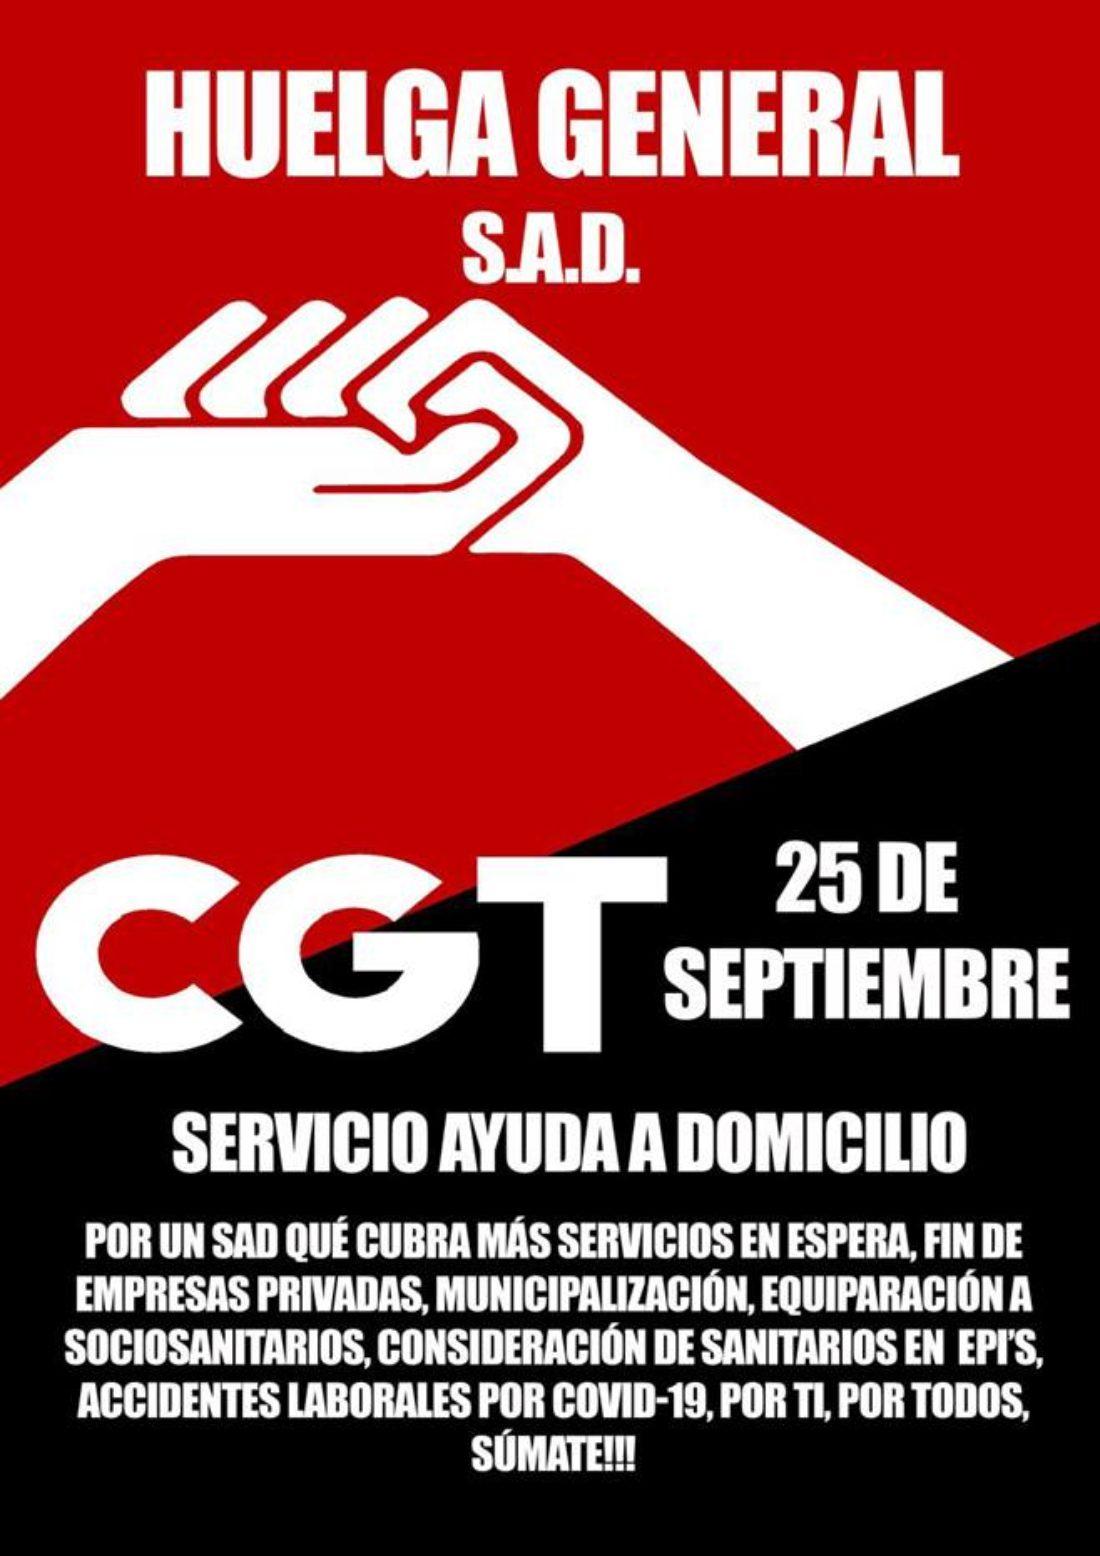 Continúa el proceso hacía la huelga del 25 de septiembre en el Servicio de Ayuda a Domicilio (SAD) en Andalucía